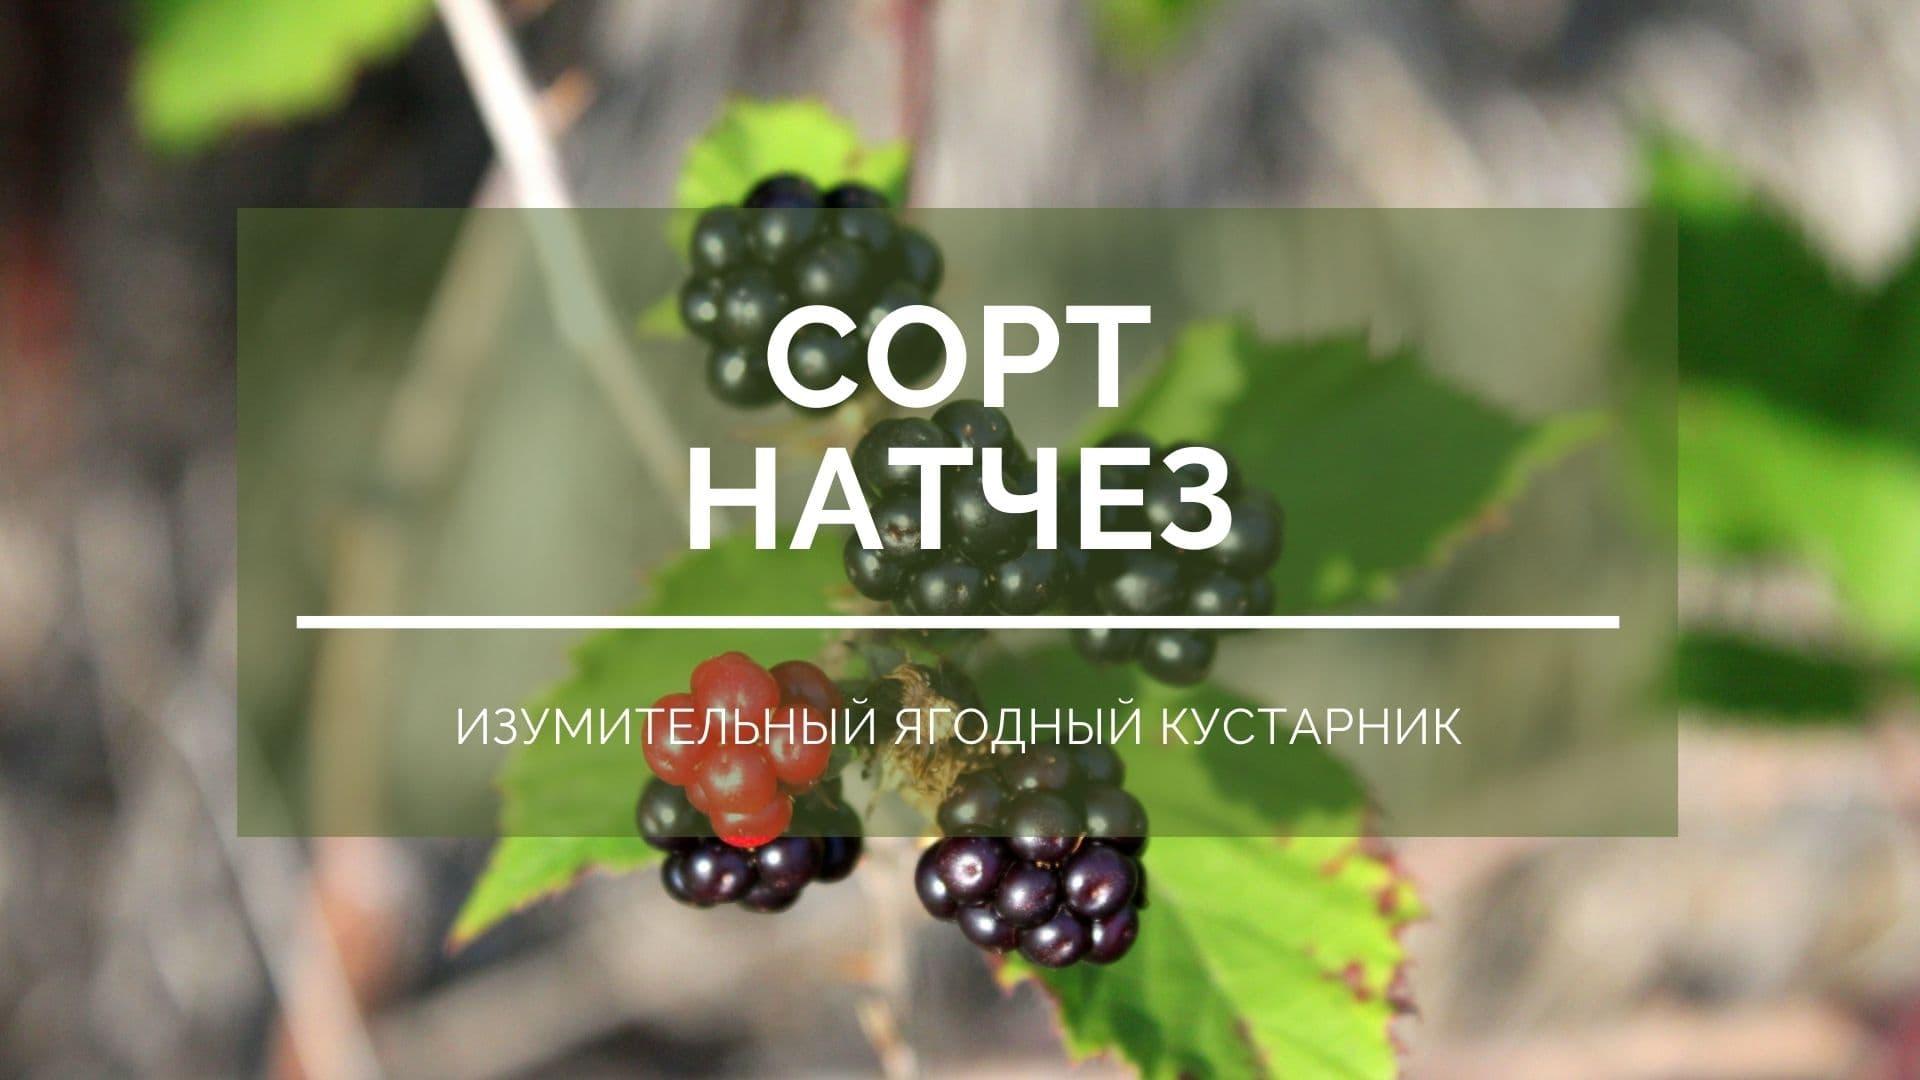 Сорт Натчез – изумительный ягодный кустарник